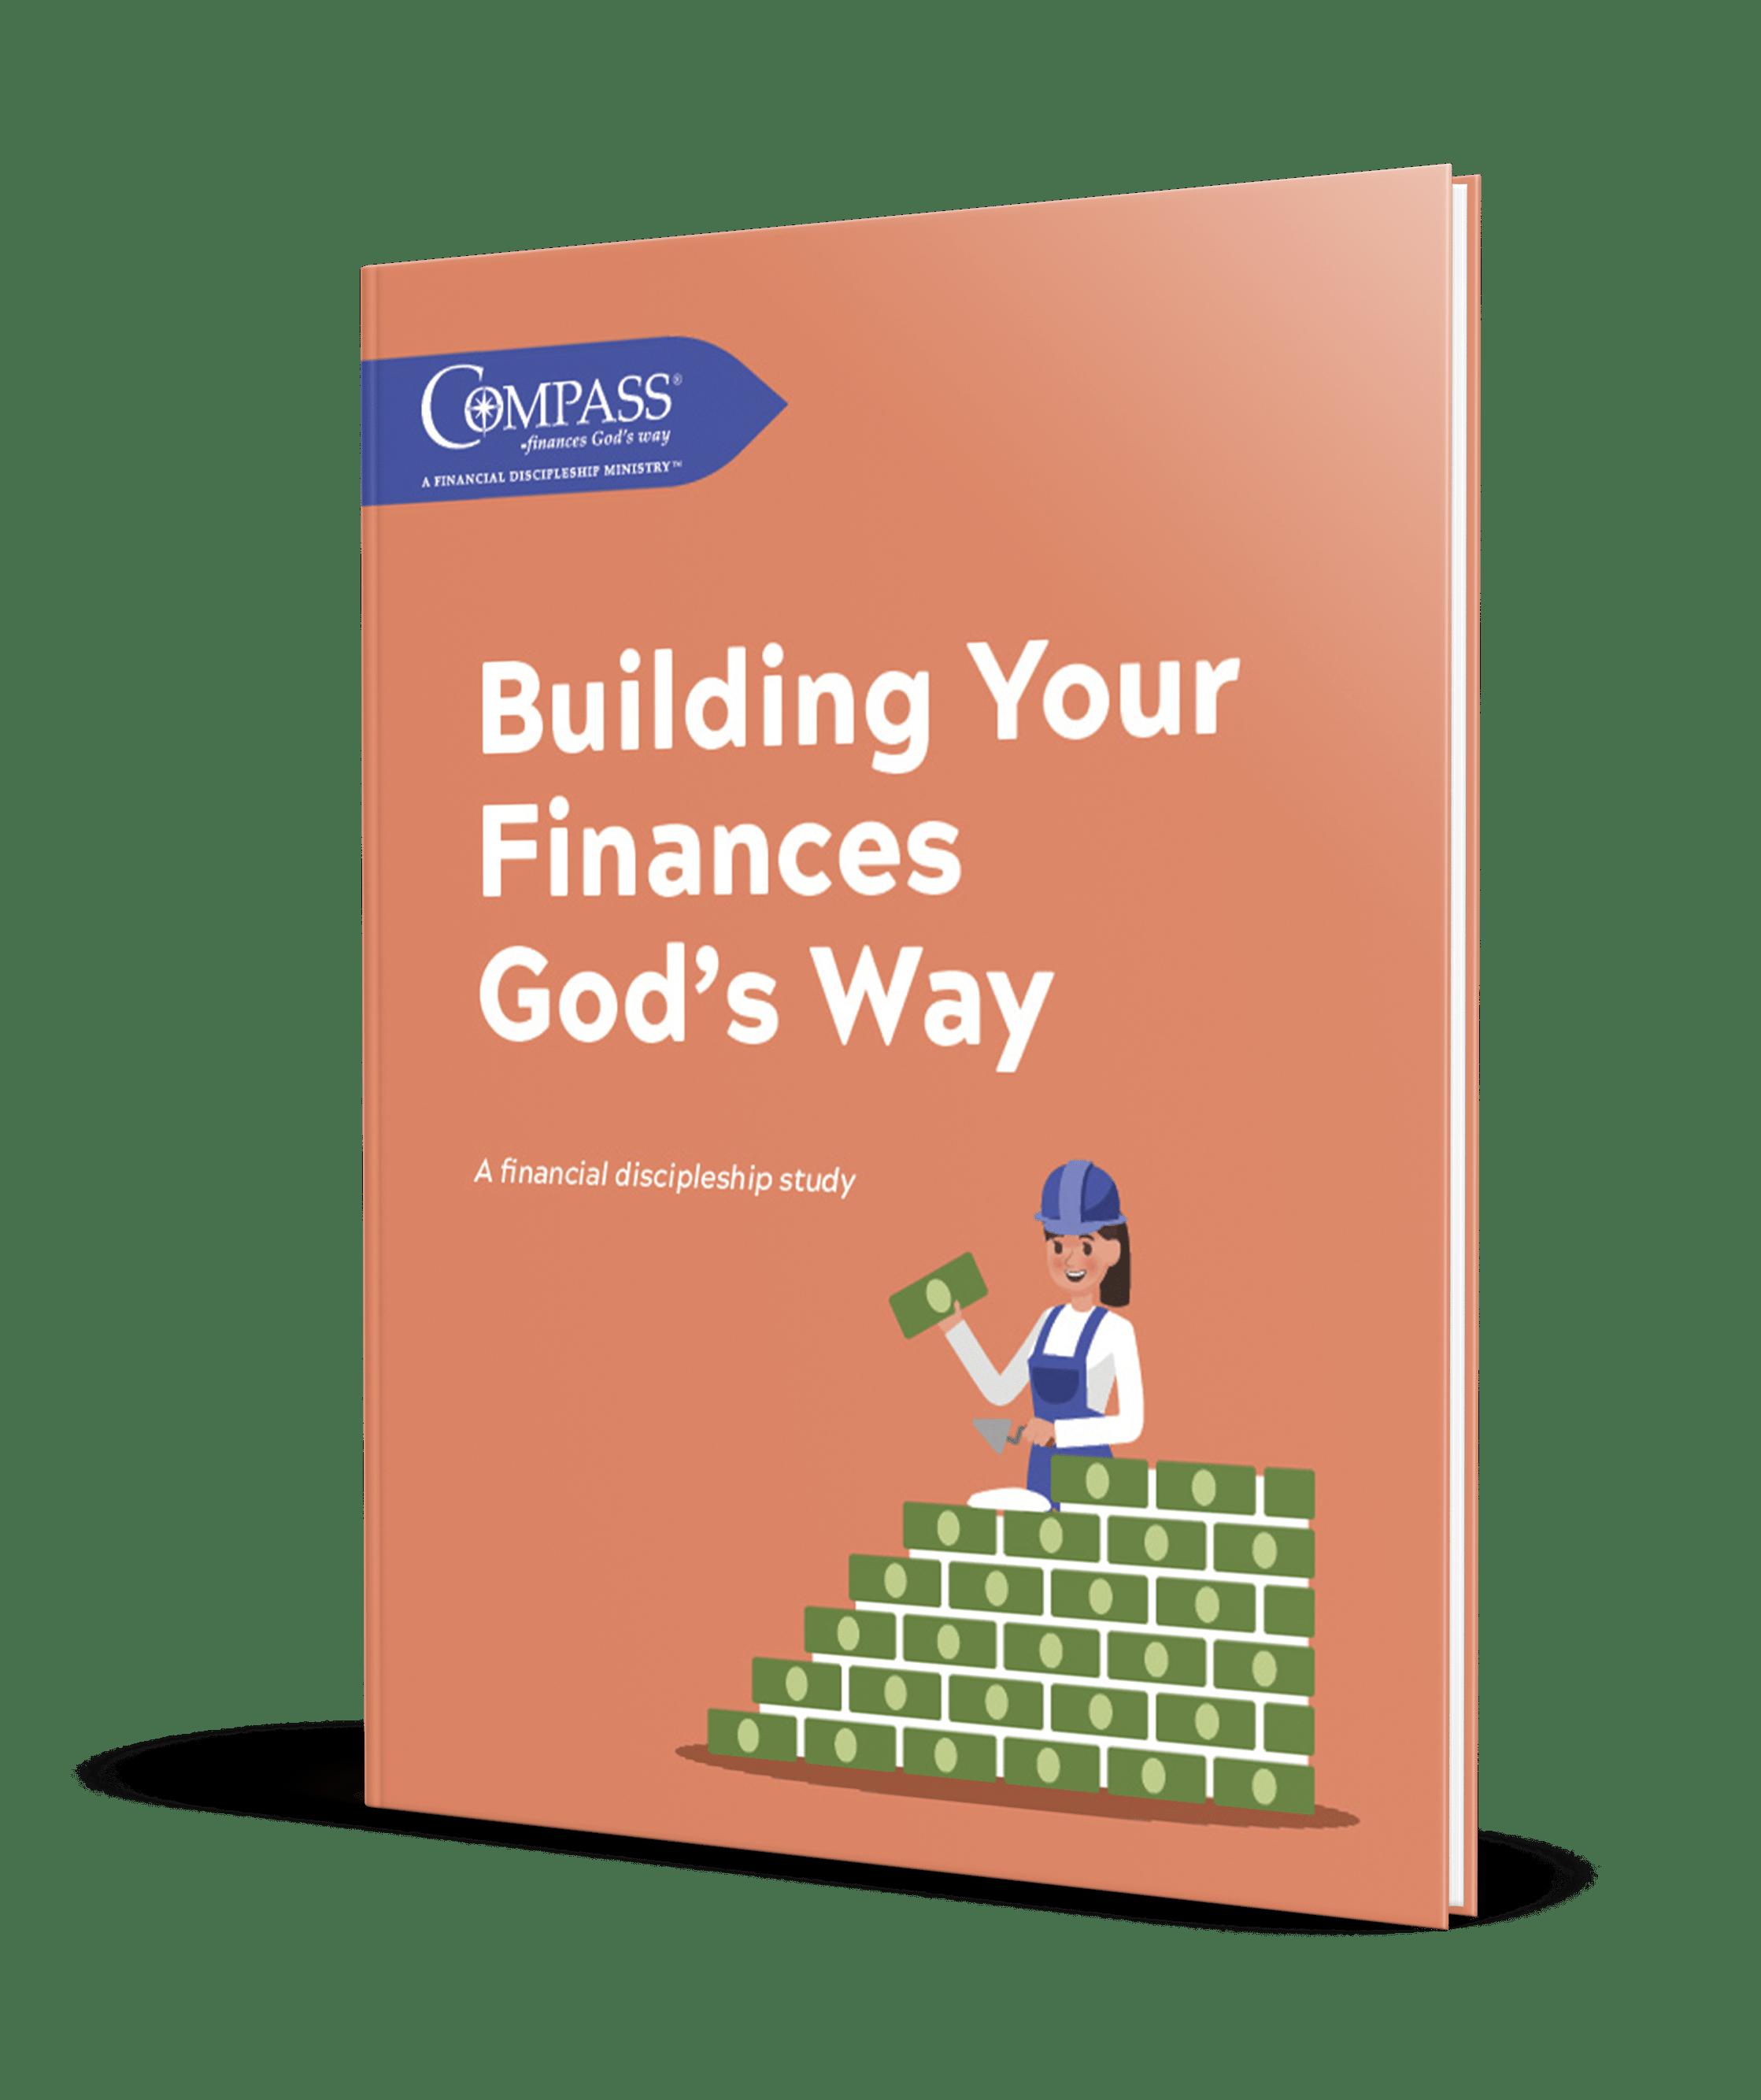 Building Your Finances God's Way